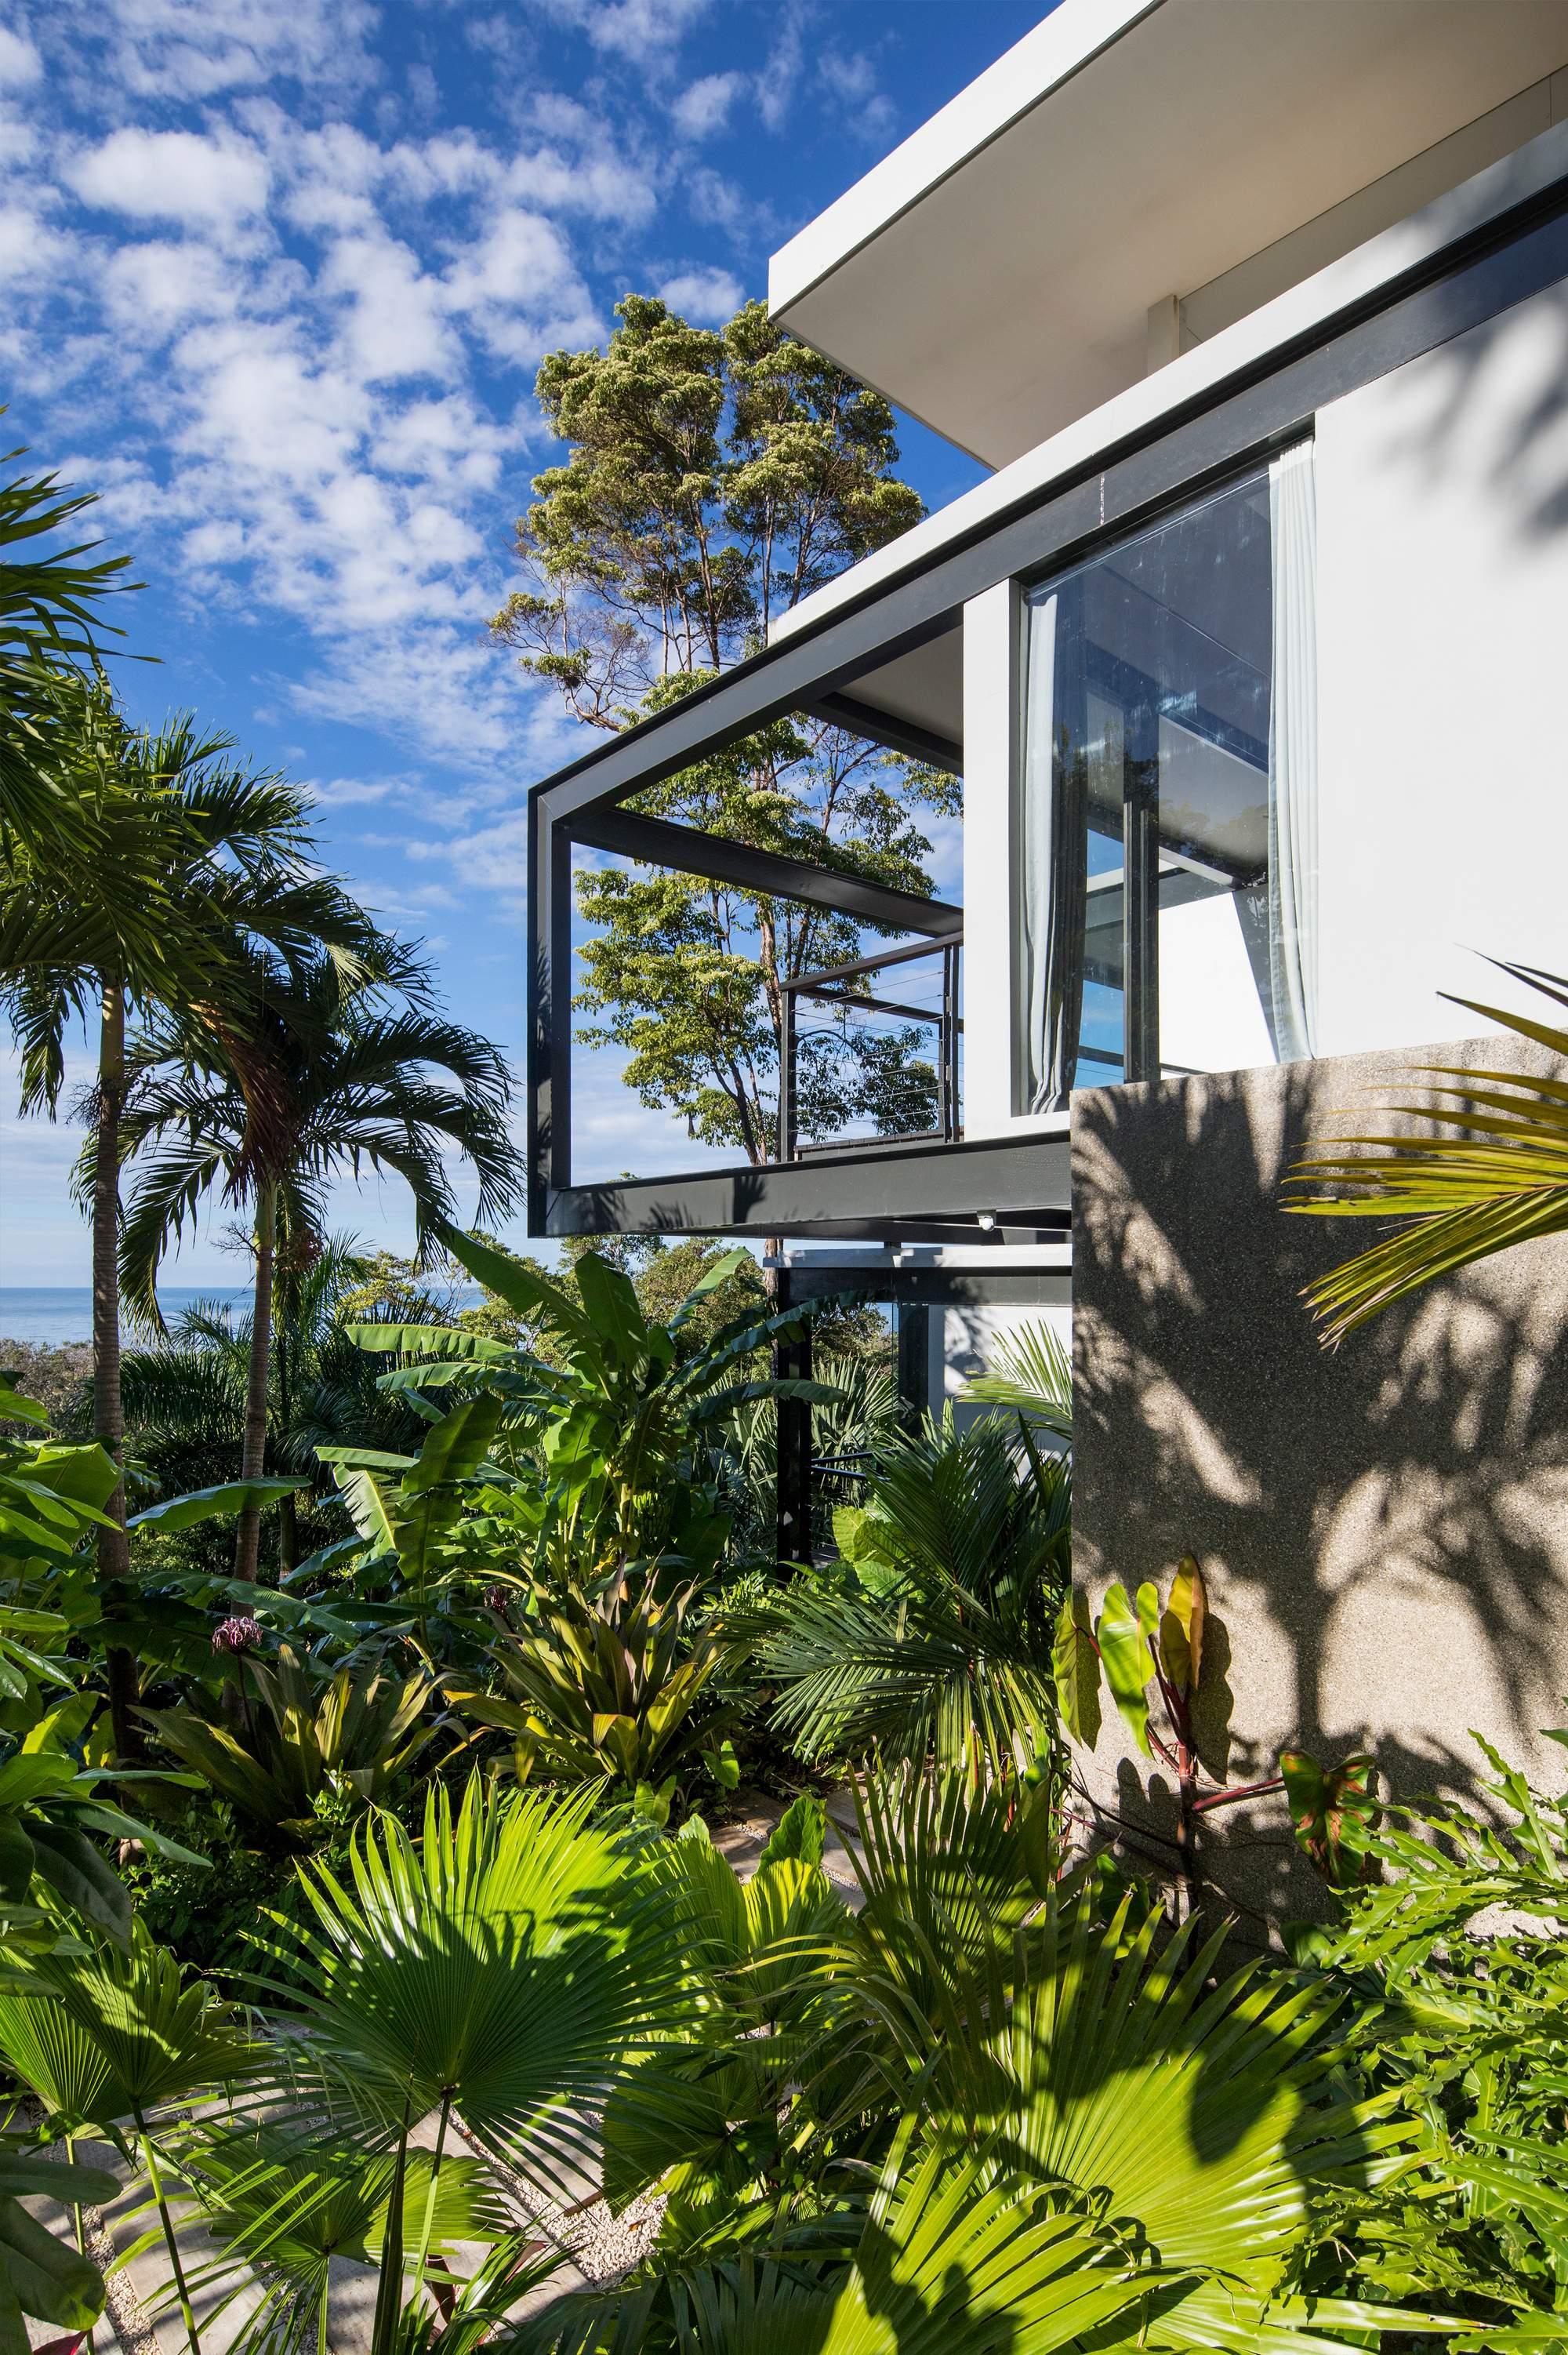 Роскошная вилла в тропическом лесу на берегу океана, Коста-Рика